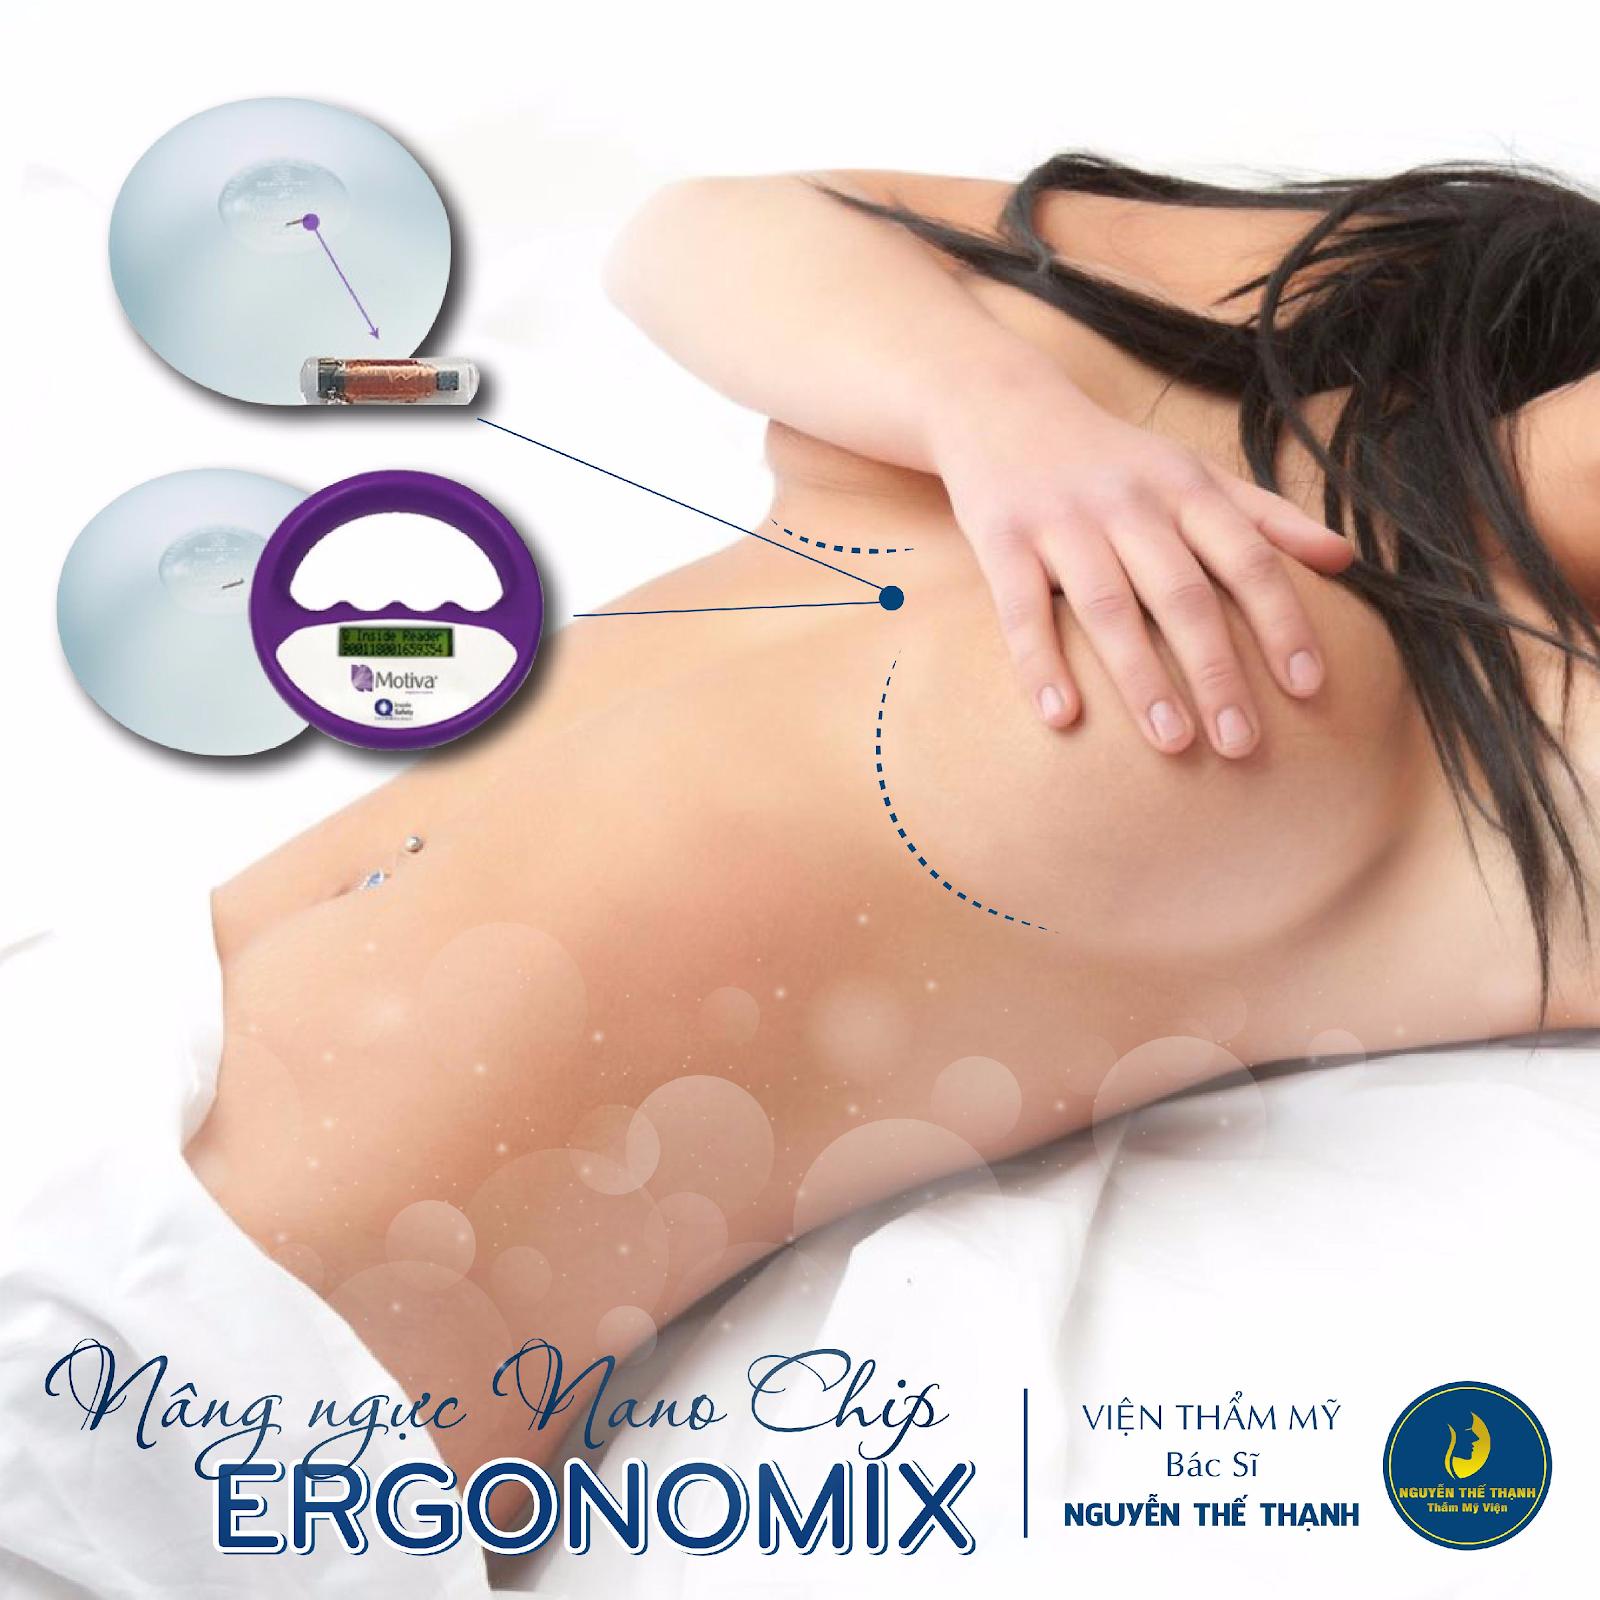 Nâng ngực Nano chip Ergonomix - Giải pháp cho vòng 1 căng tràn  - Ảnh 1